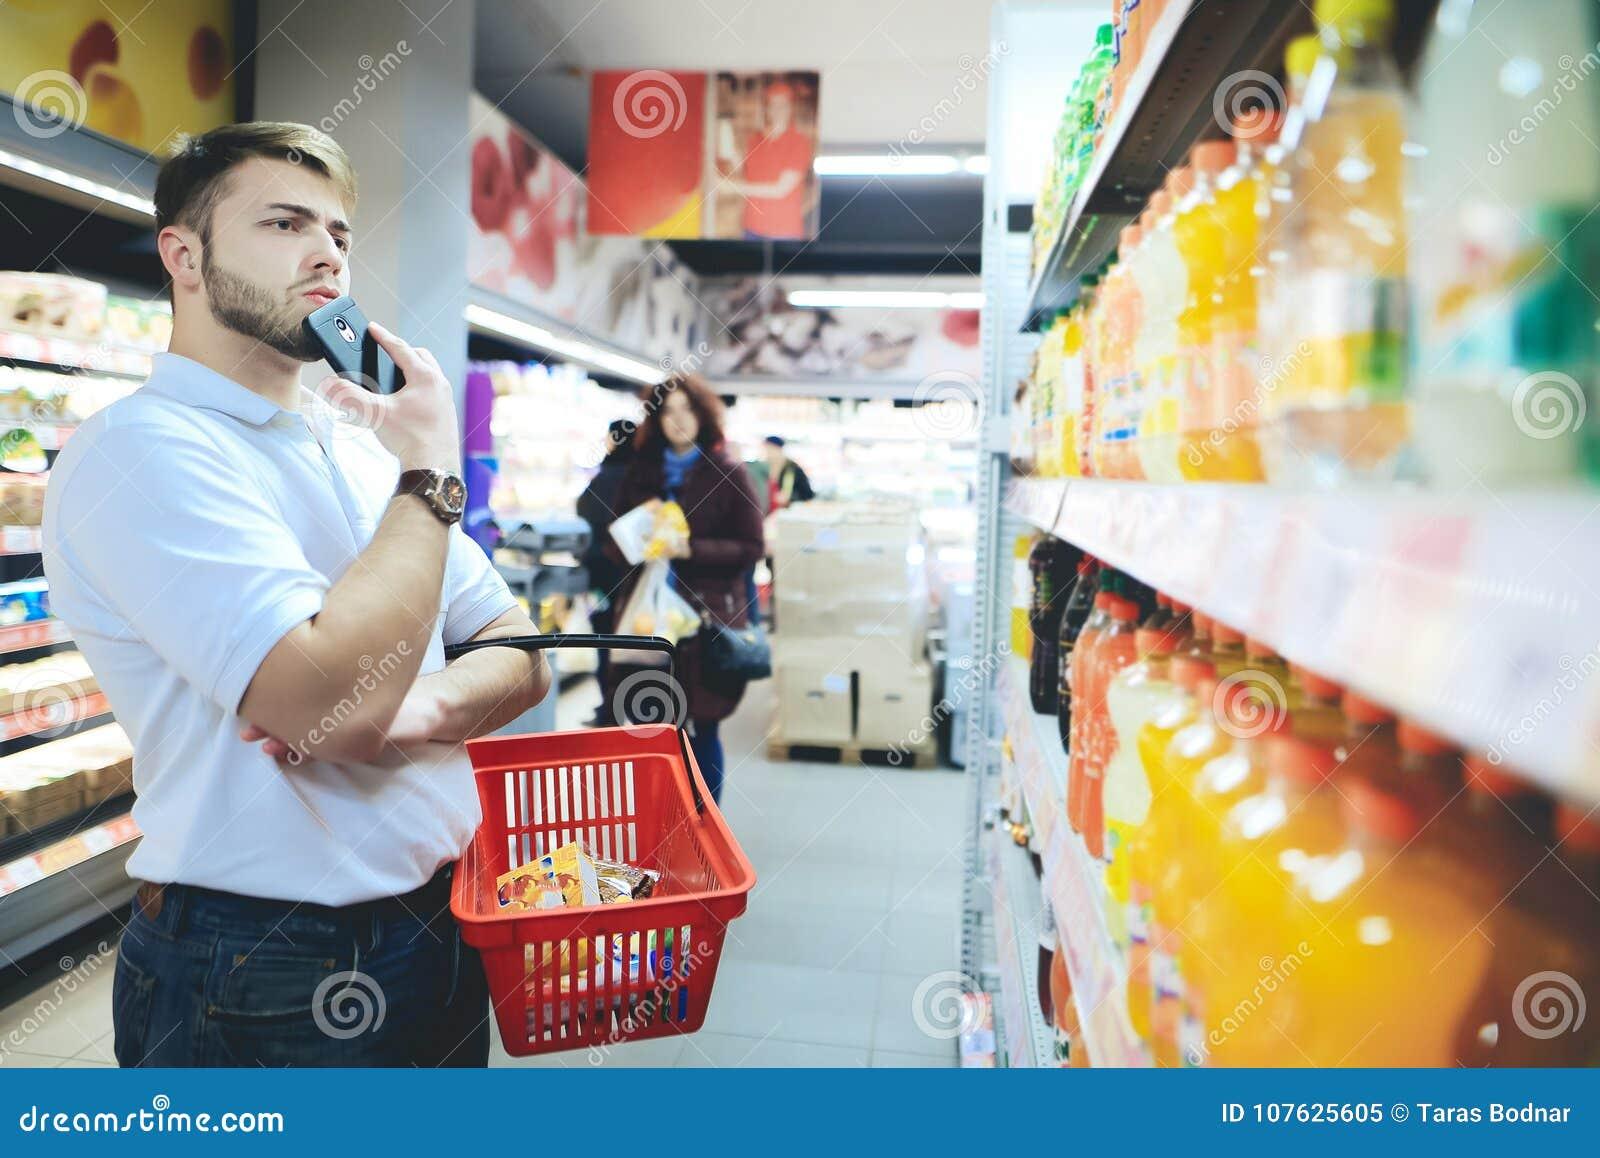 Человек с корзиной в его руках смотрит пить на супермаркете Человек с бородой покупает еду в супермаркете